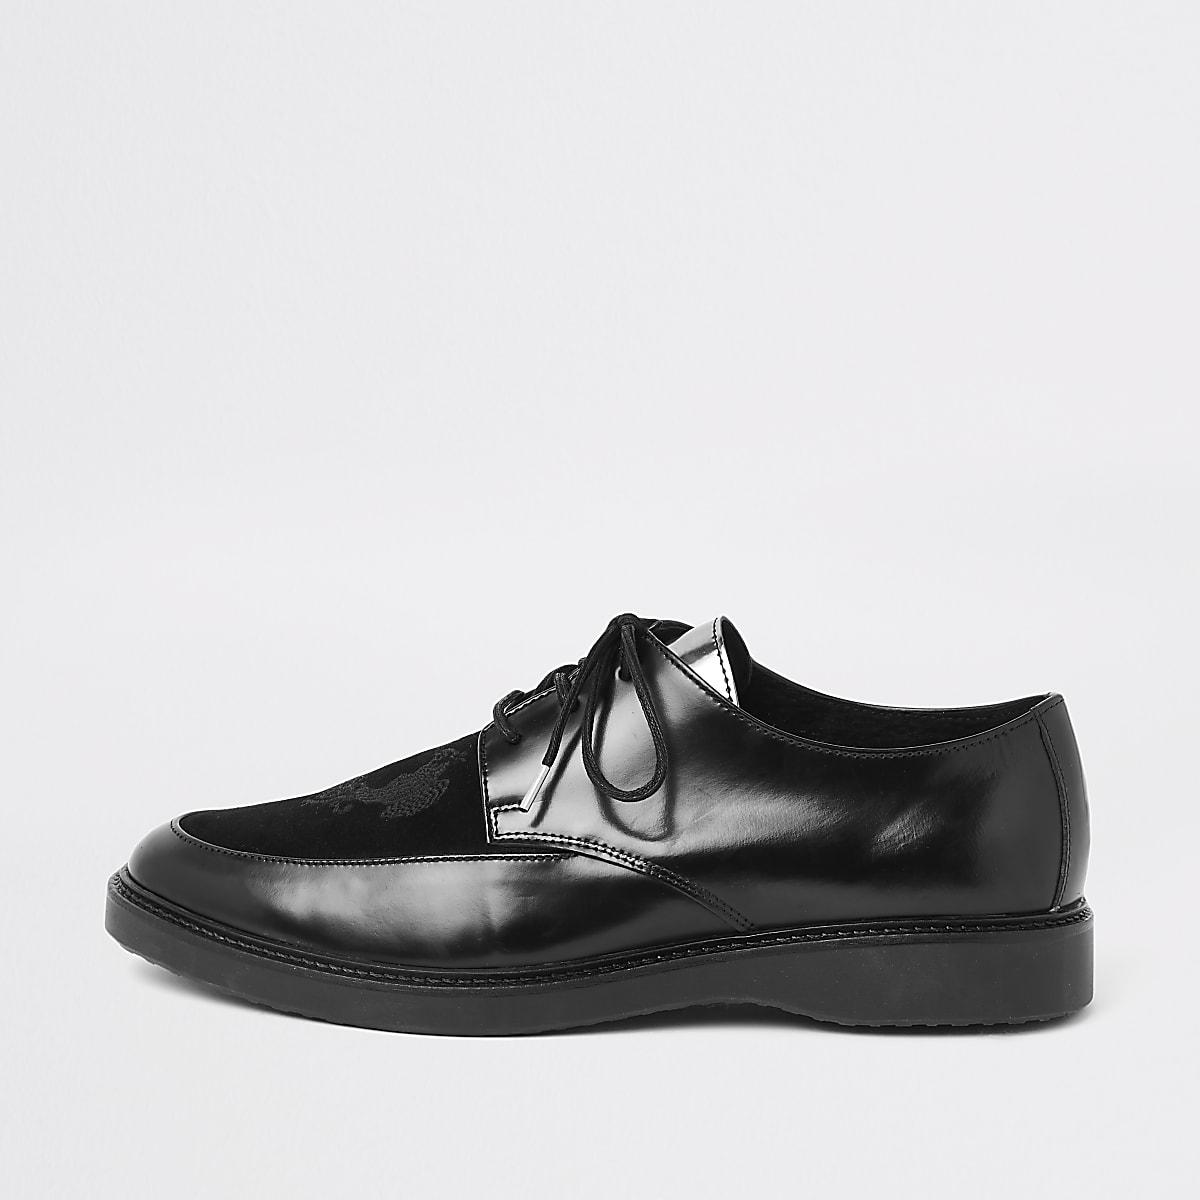 RI 30 - Zwarte leren creeper schoenen